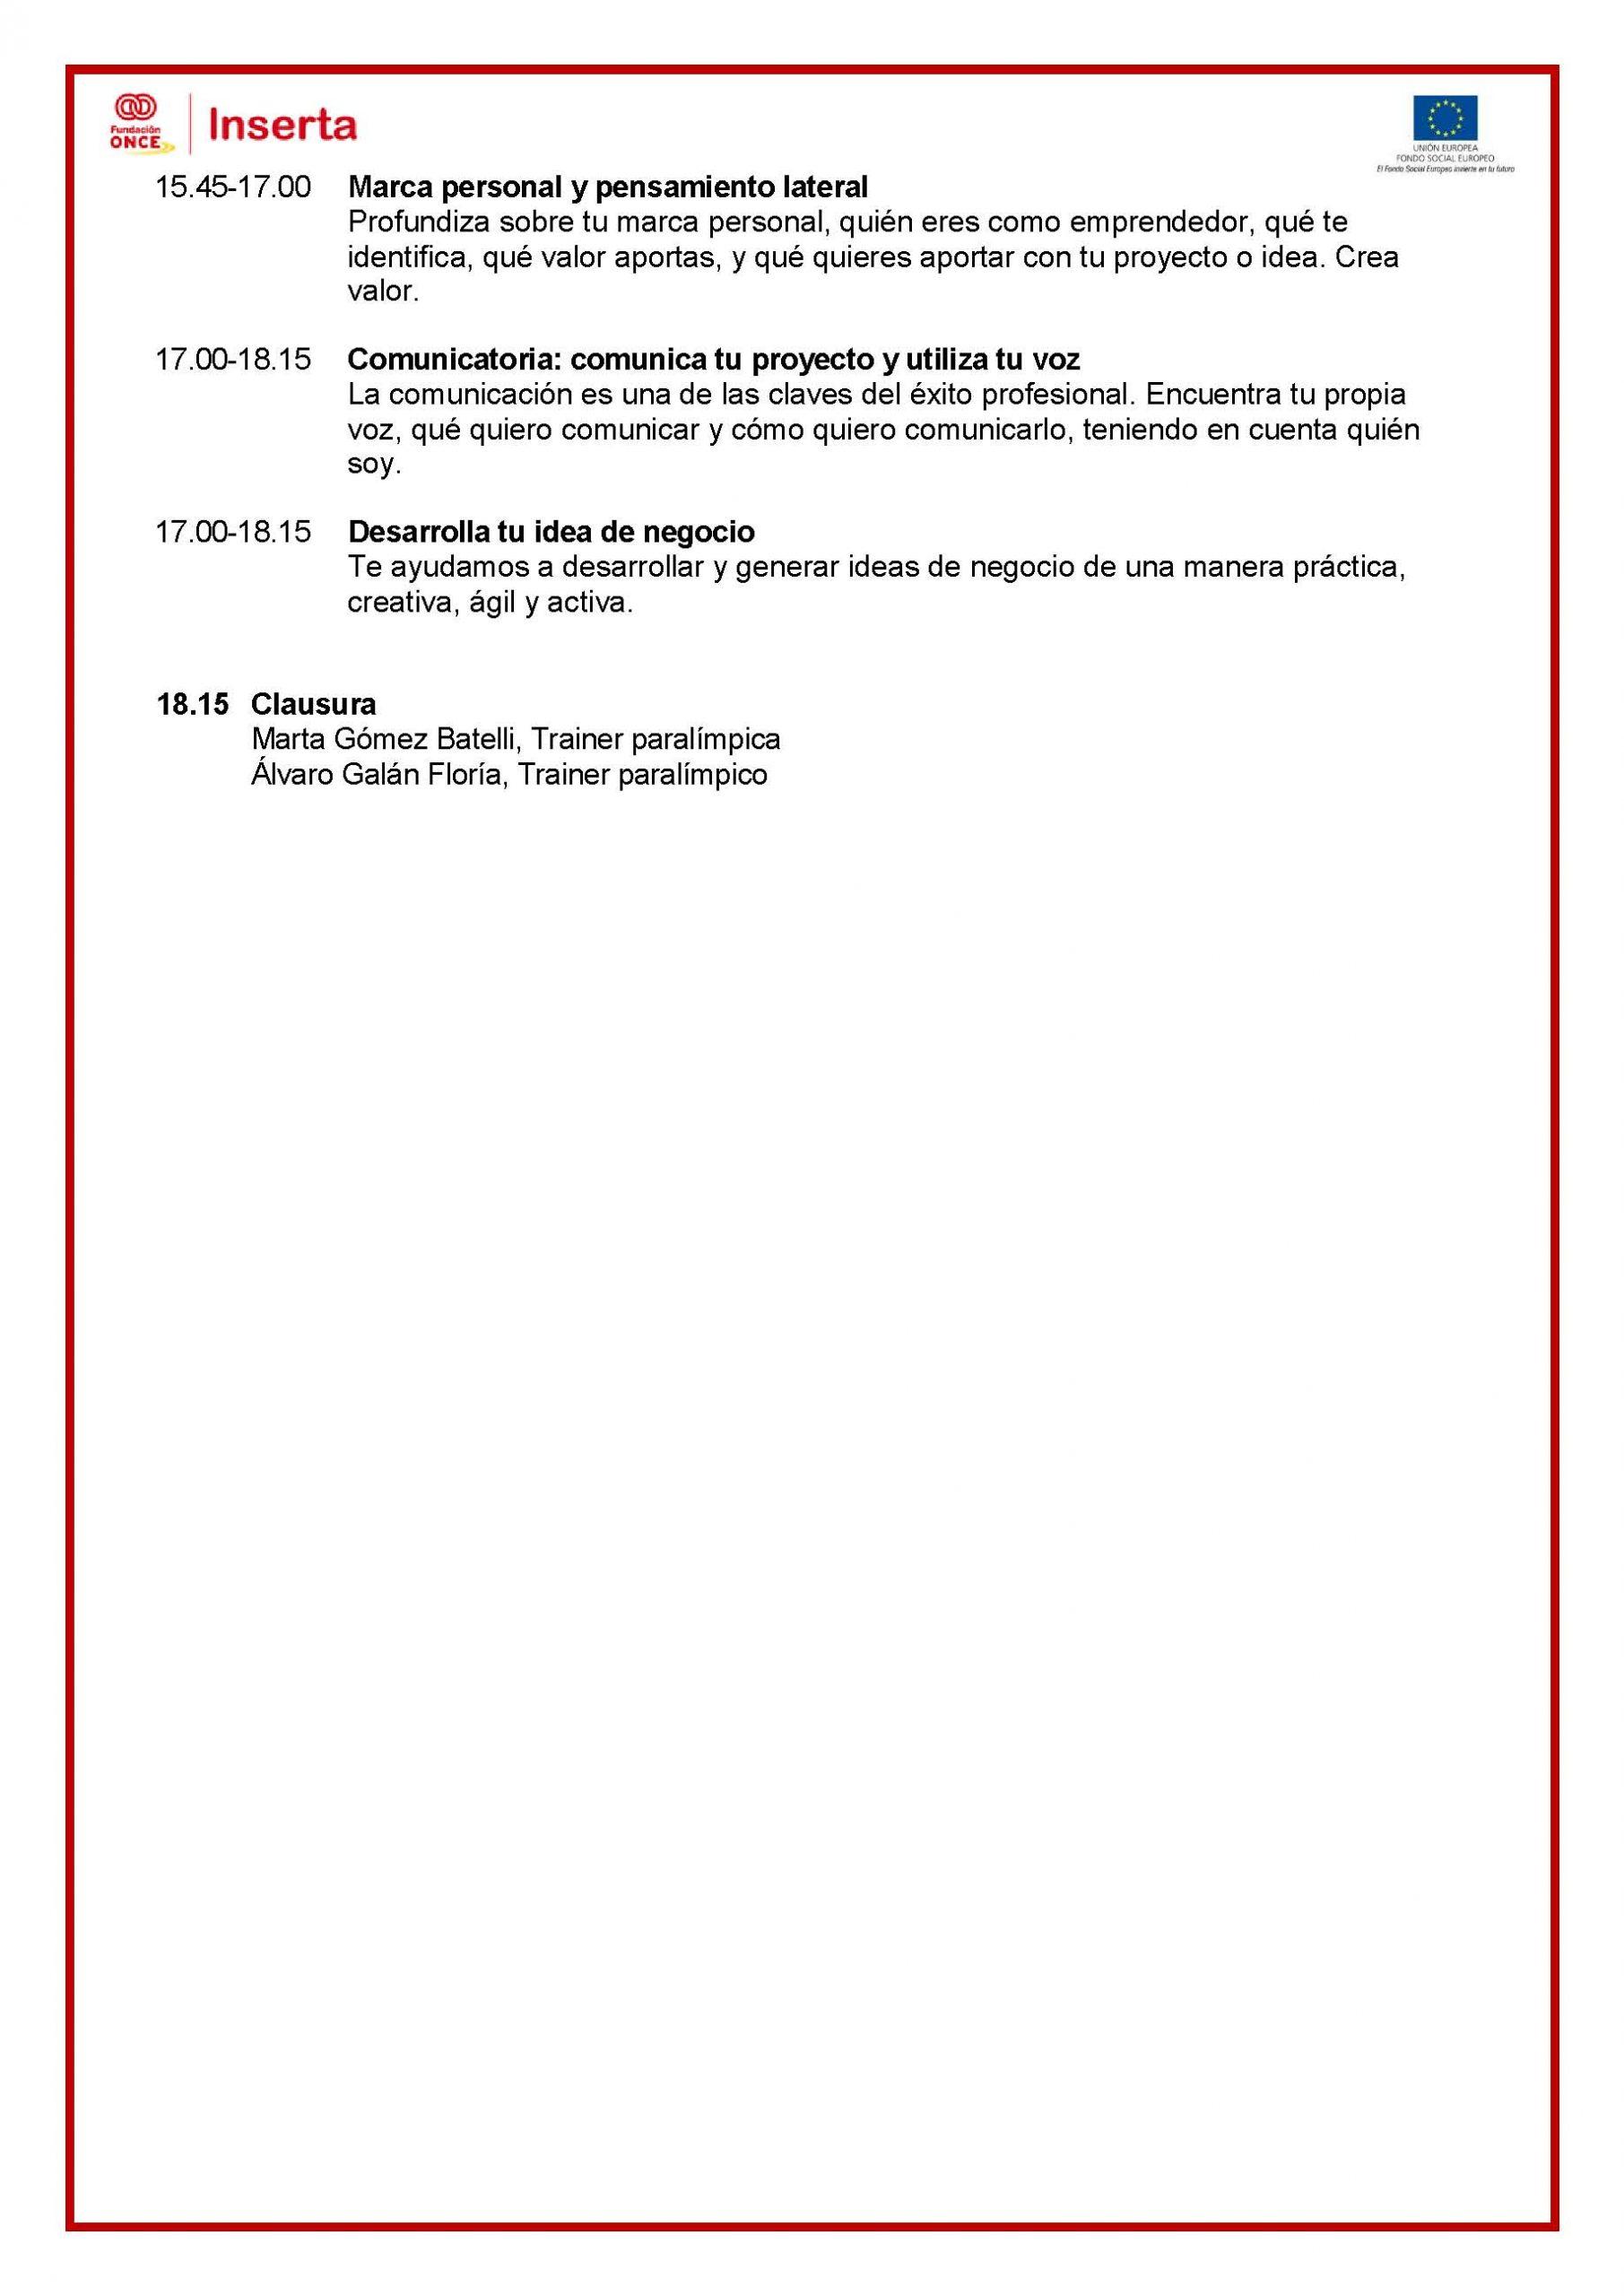 programa jornada por talento emprende - 11 de junio - sevilla_pagina_4.jpg